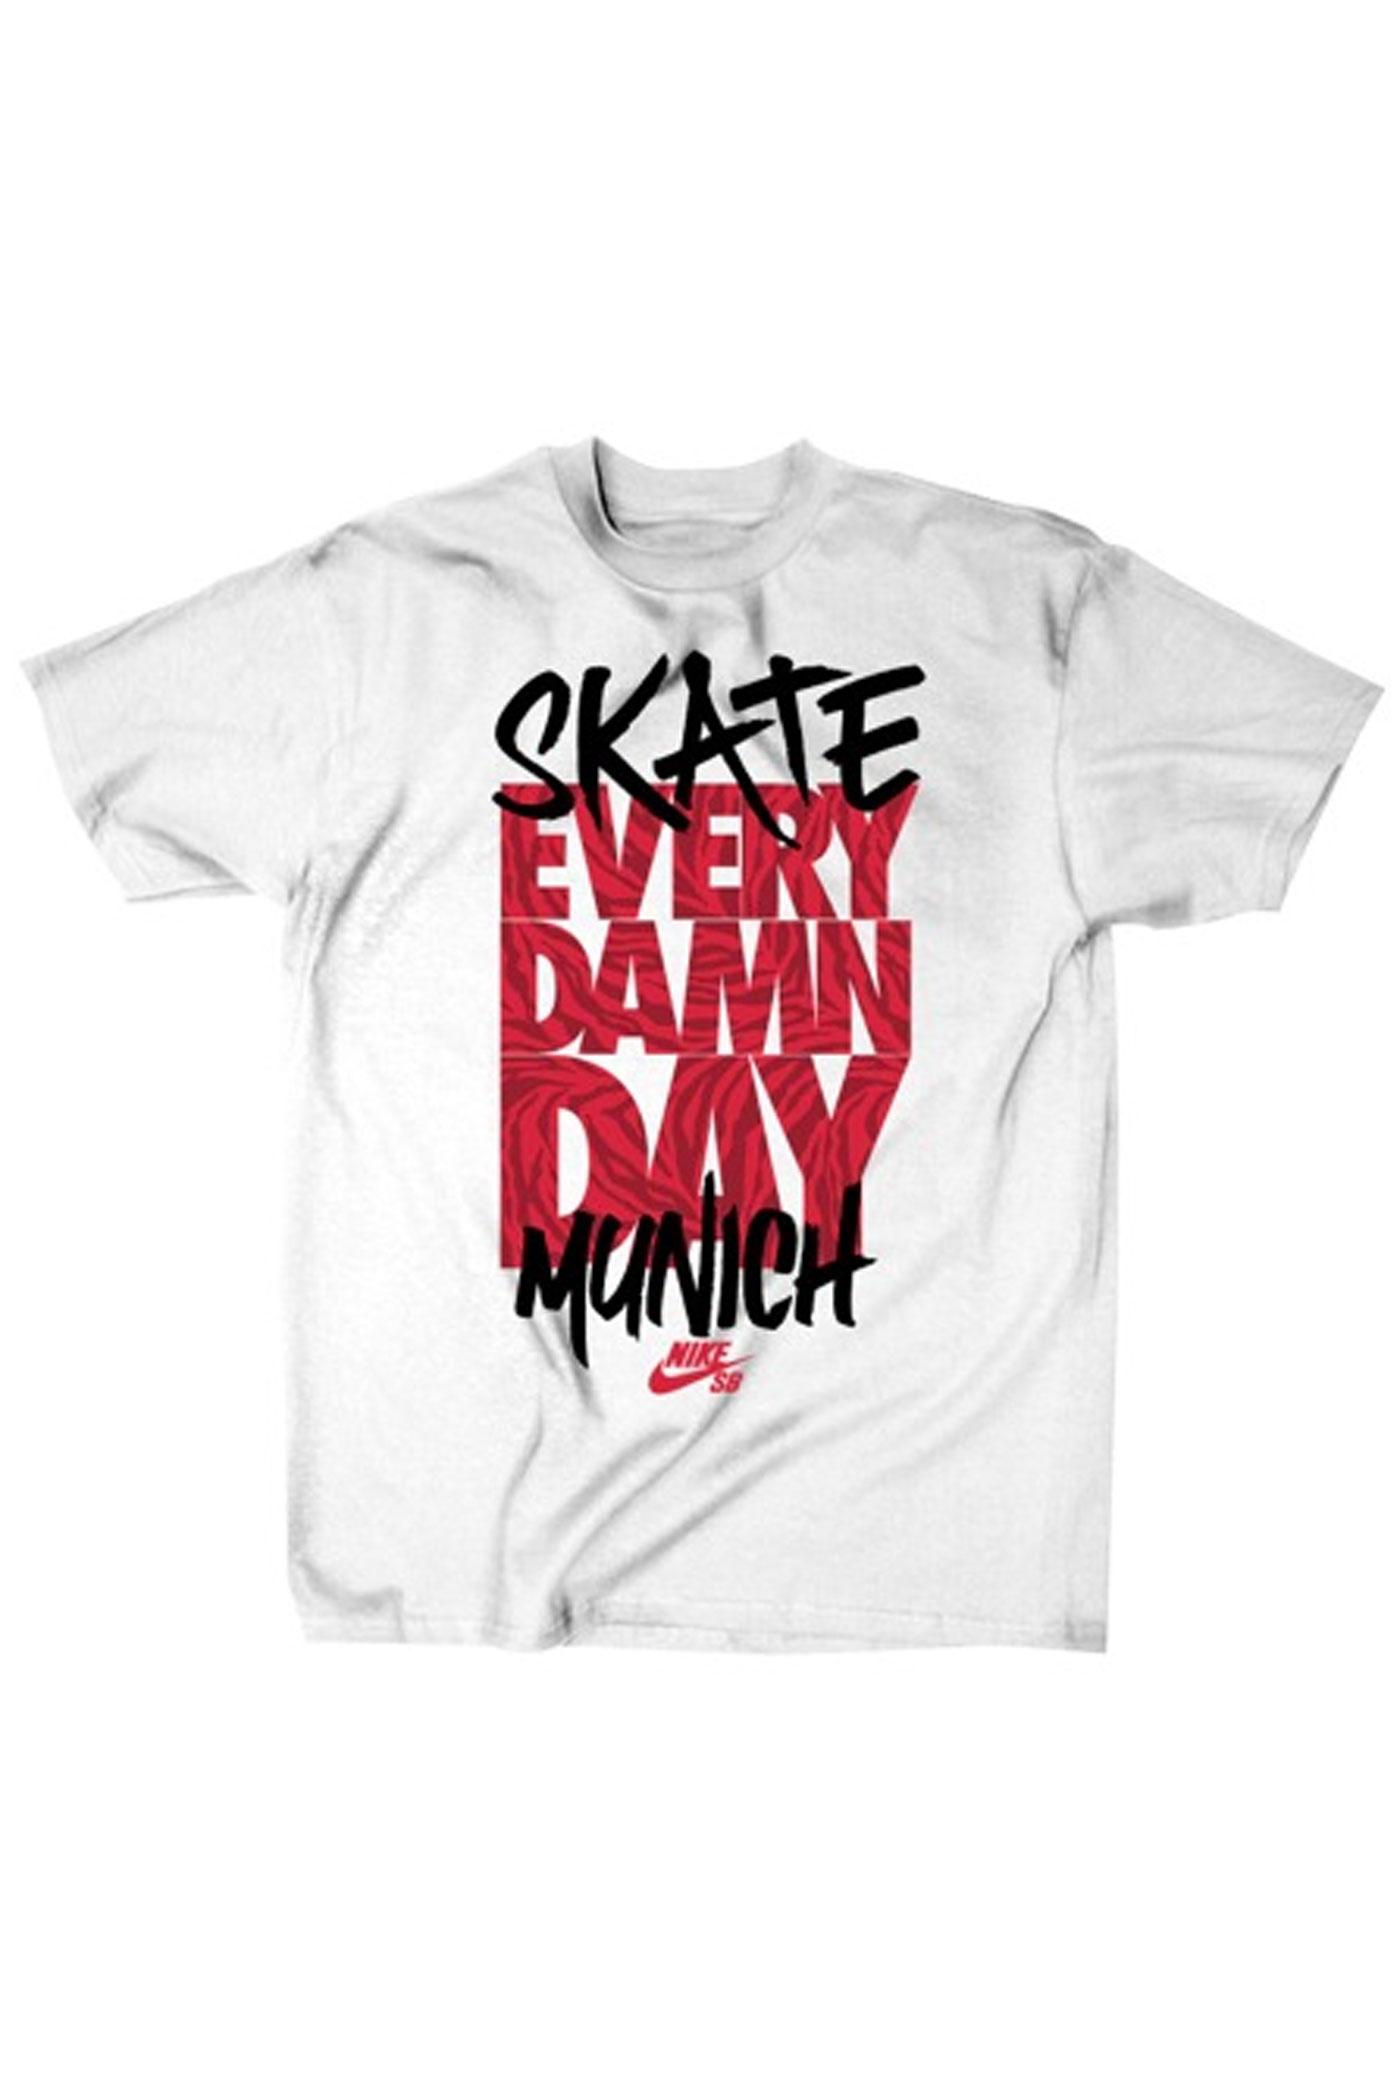 Nike t Shirts Every Damn Day Every Damn Day t Shirt